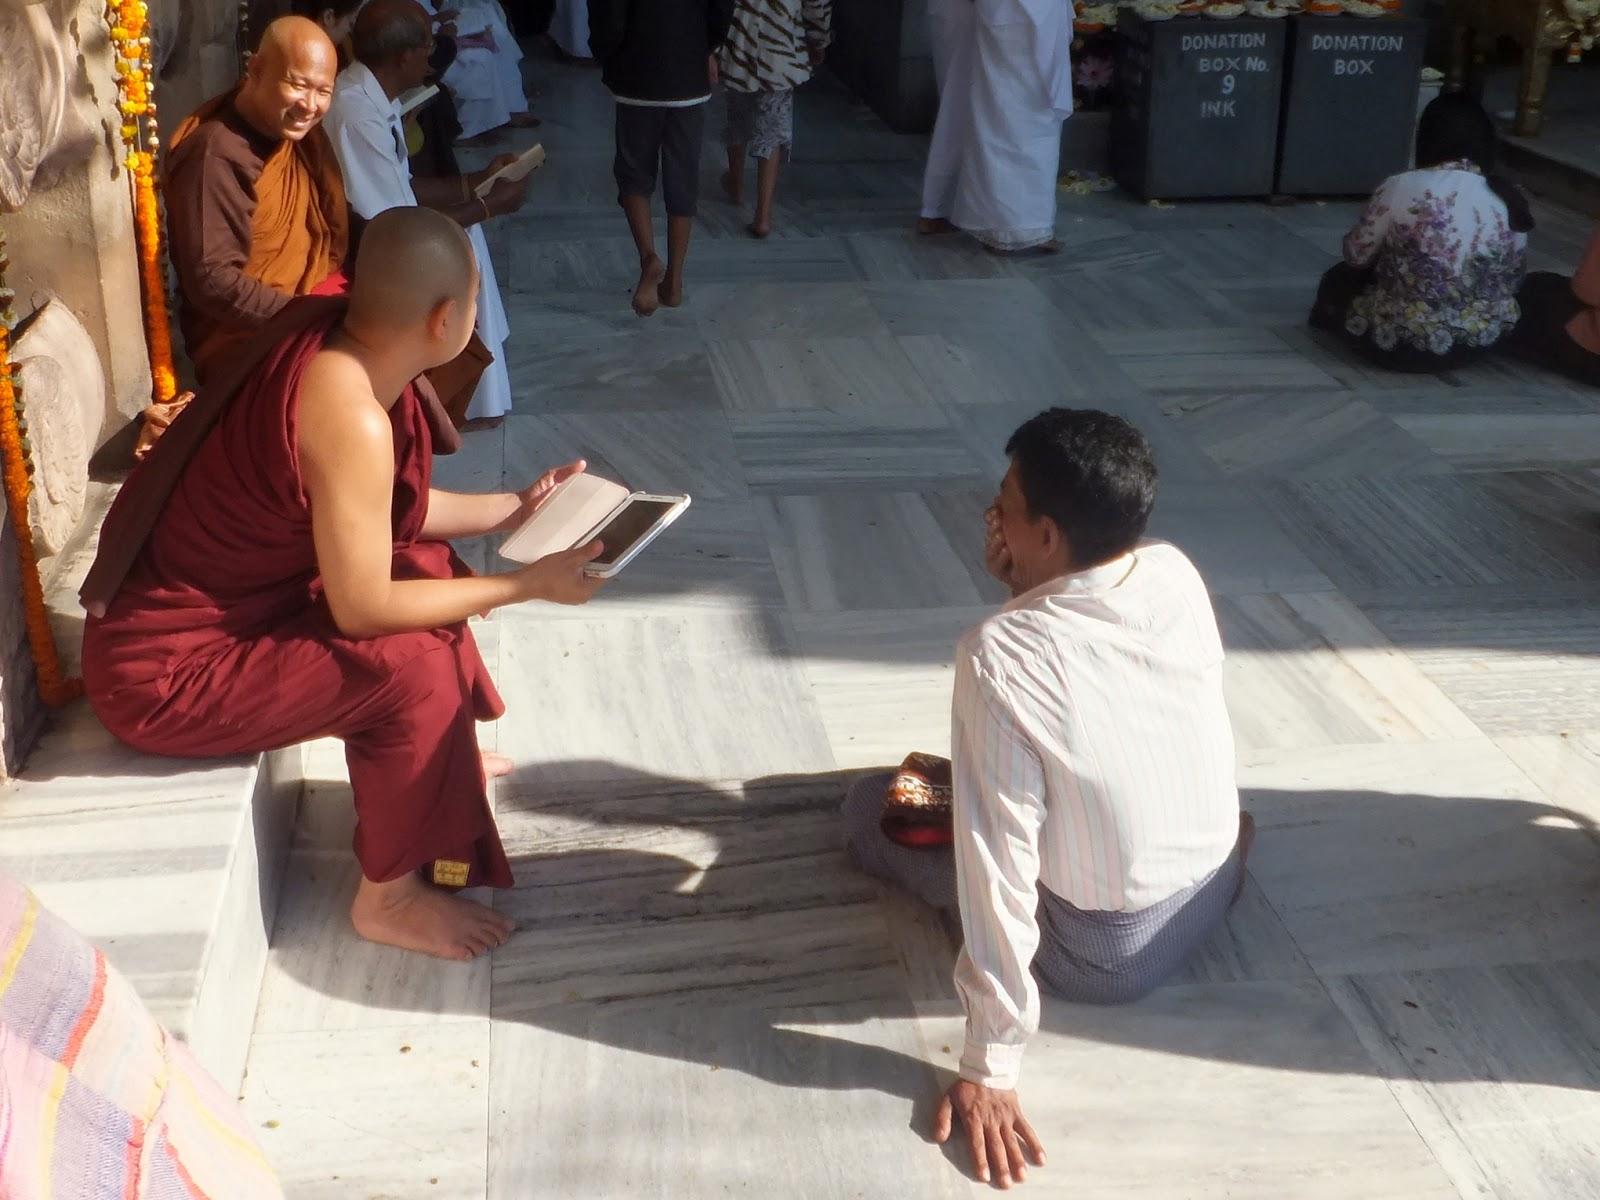 буддисткий монах с планшетом